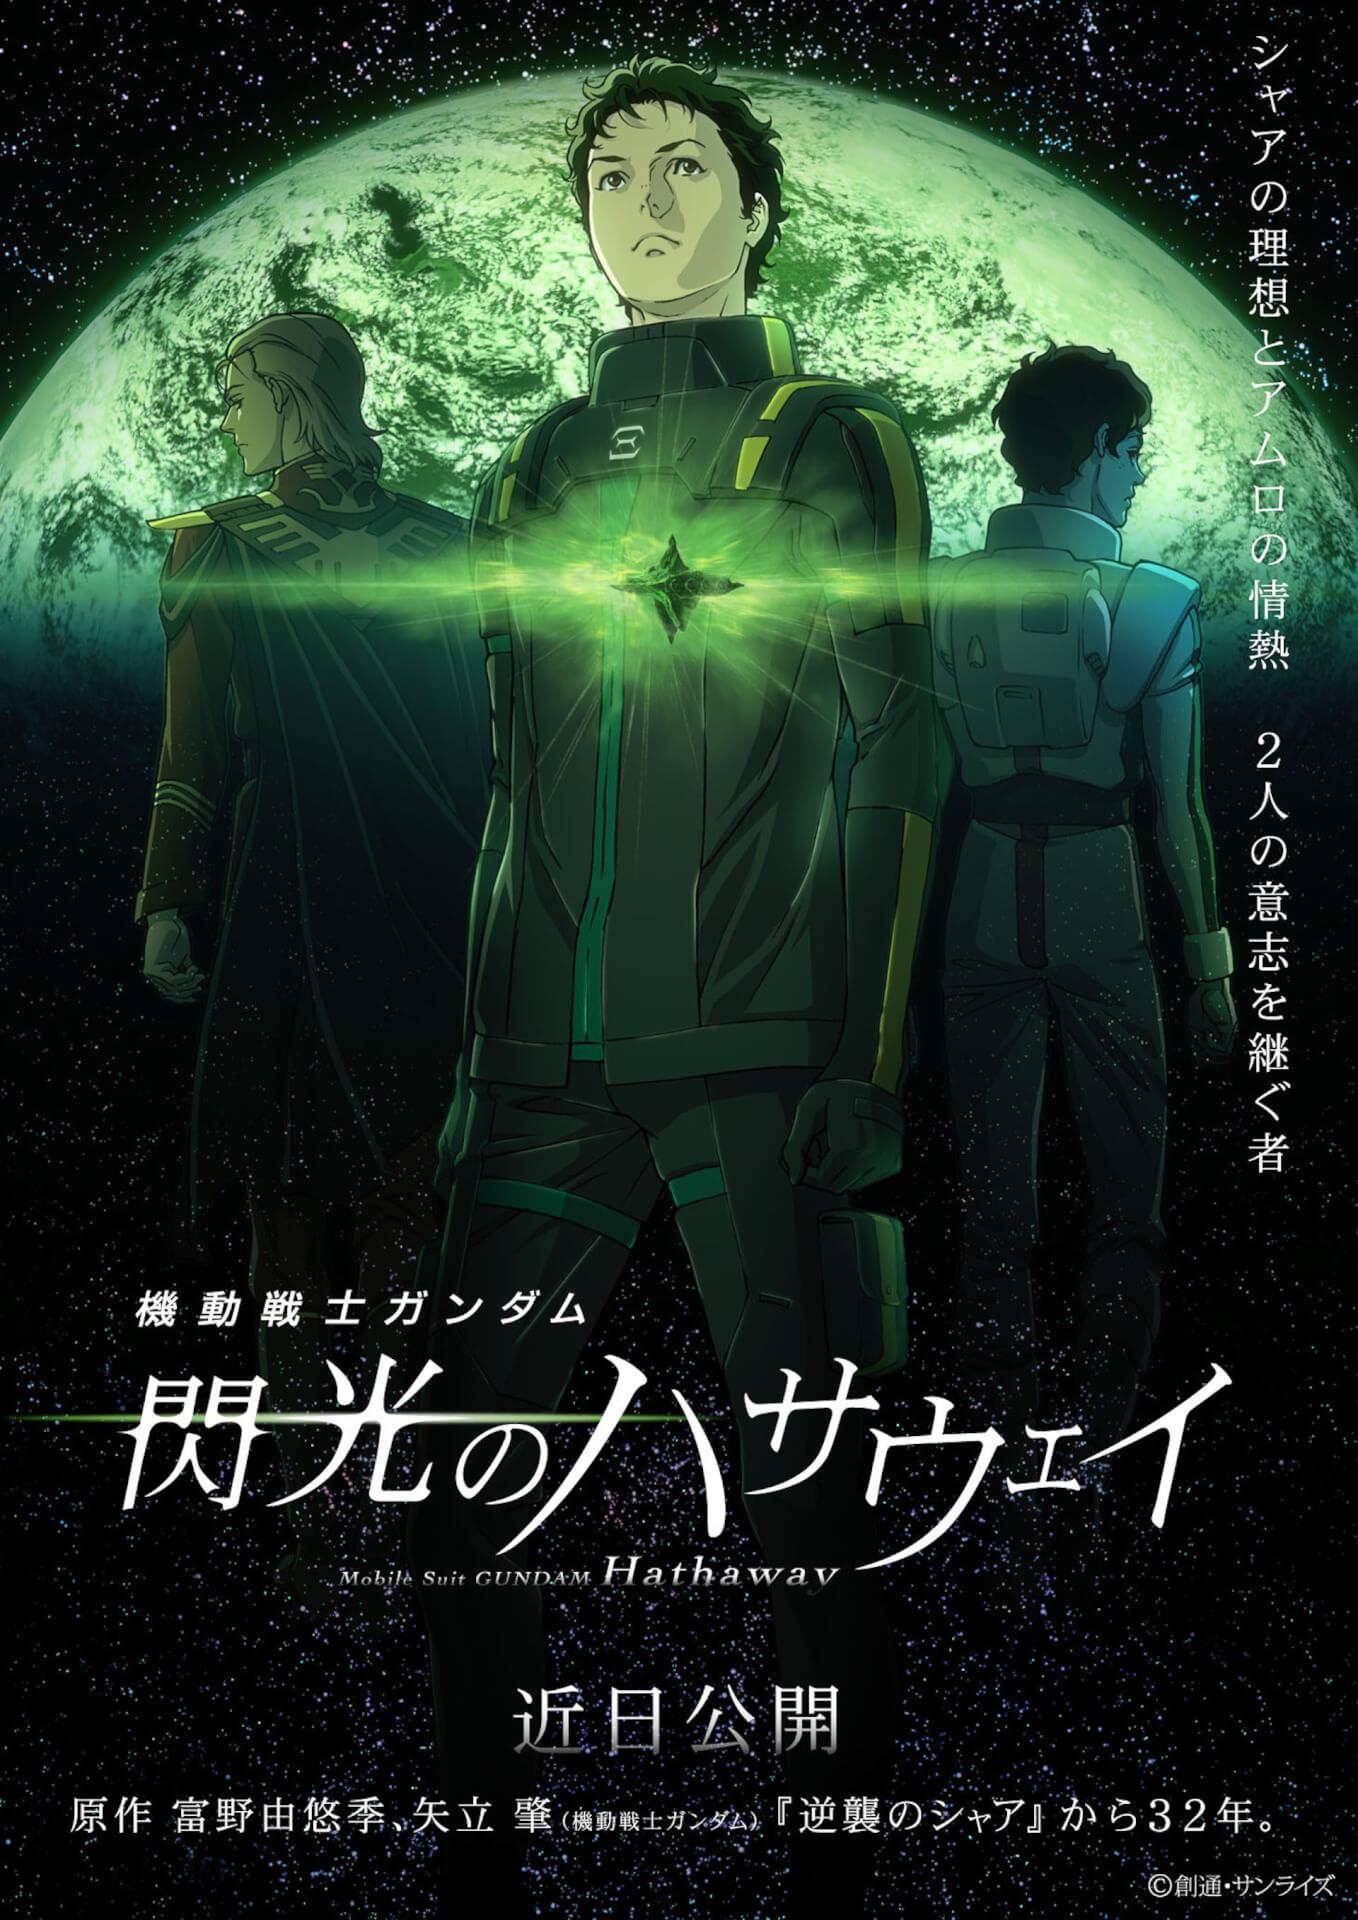 『機動戦士ガンダム 閃光のハサウェイ』の公開が延期に|サンライズからコメントも発表 film200604_gundam_hathaway_2